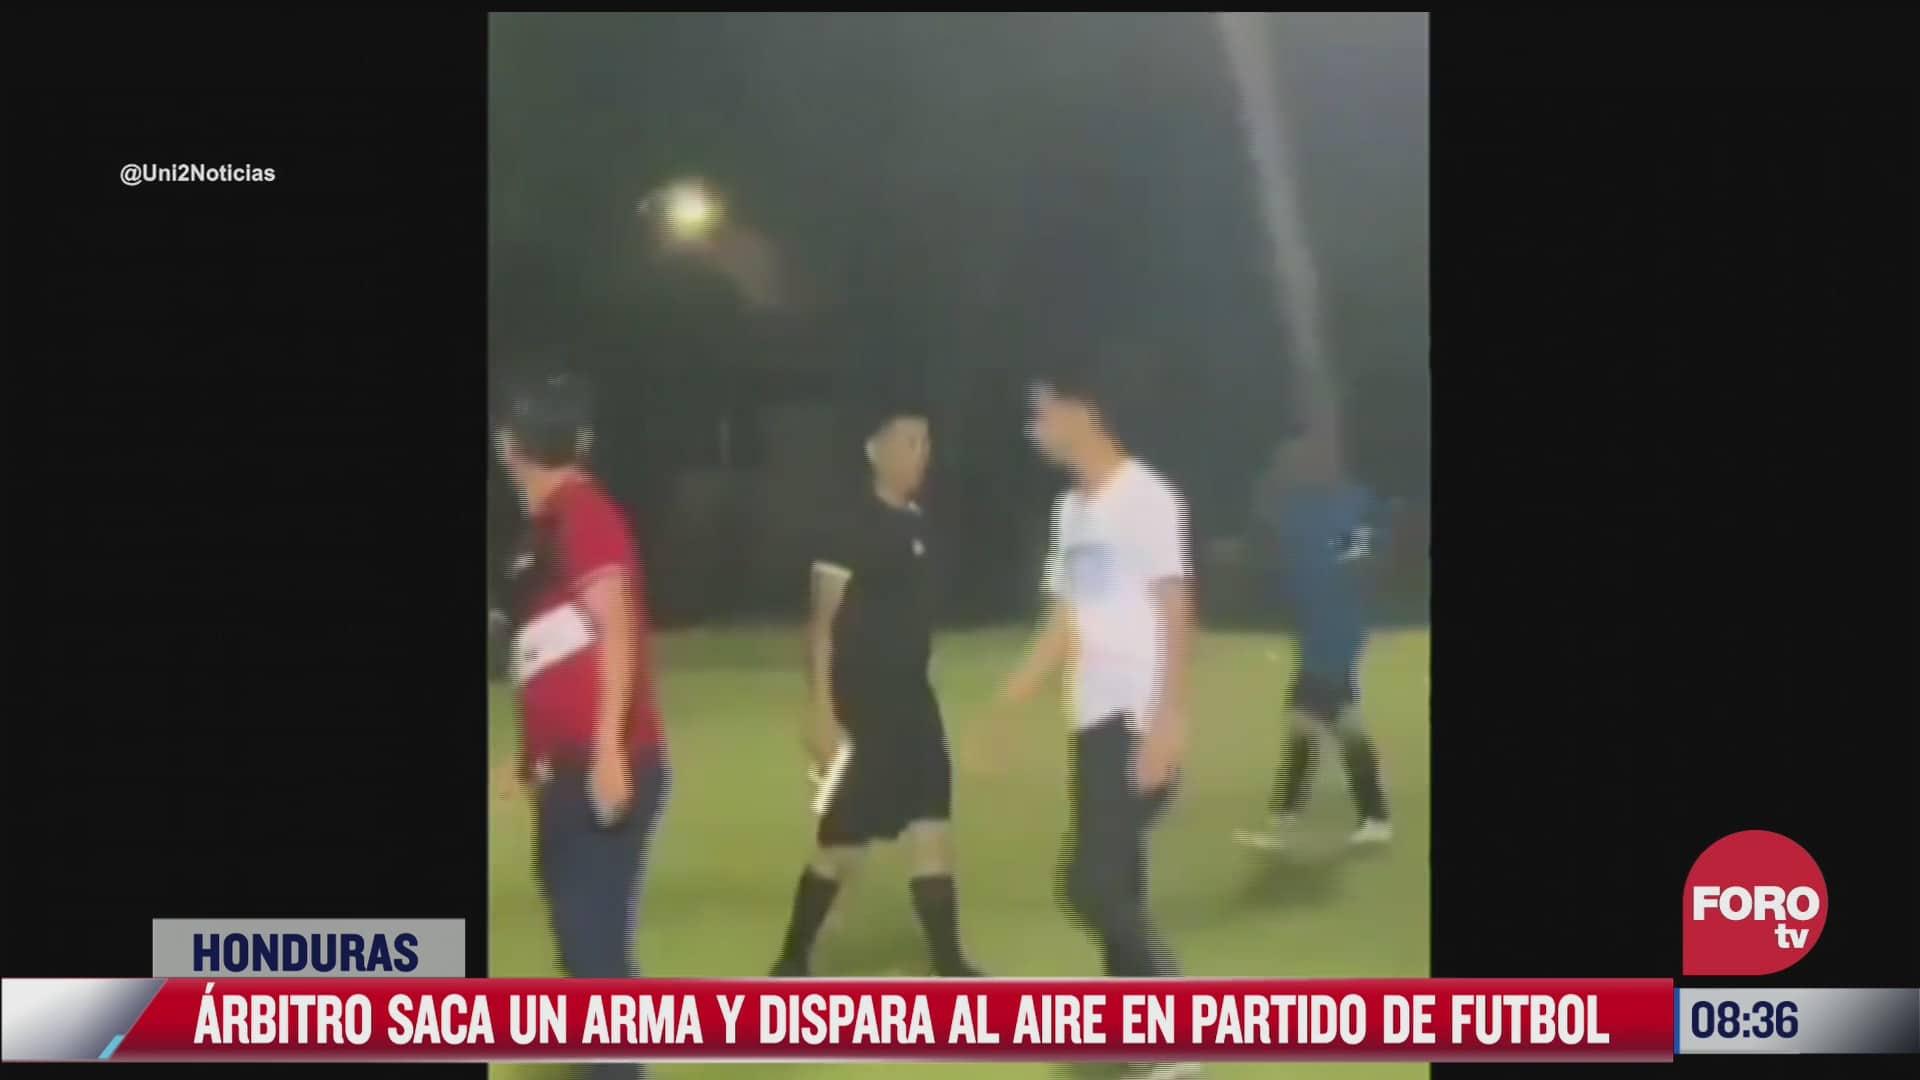 arbitro saca pistola y dispara al aire durante partido de futbol